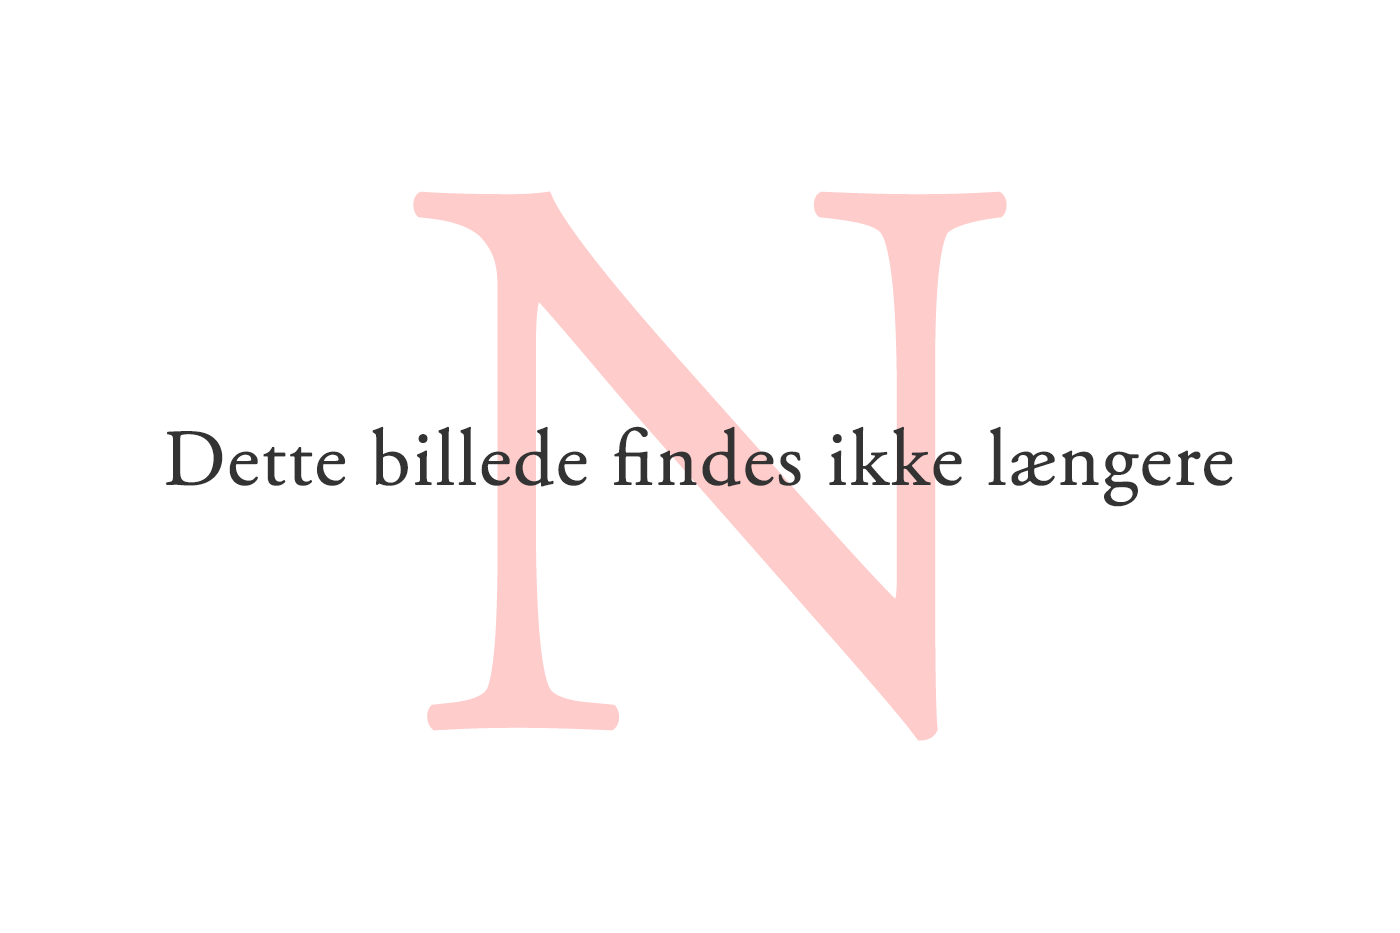 Frederiksberg-elever hopper sig til matematisk viden